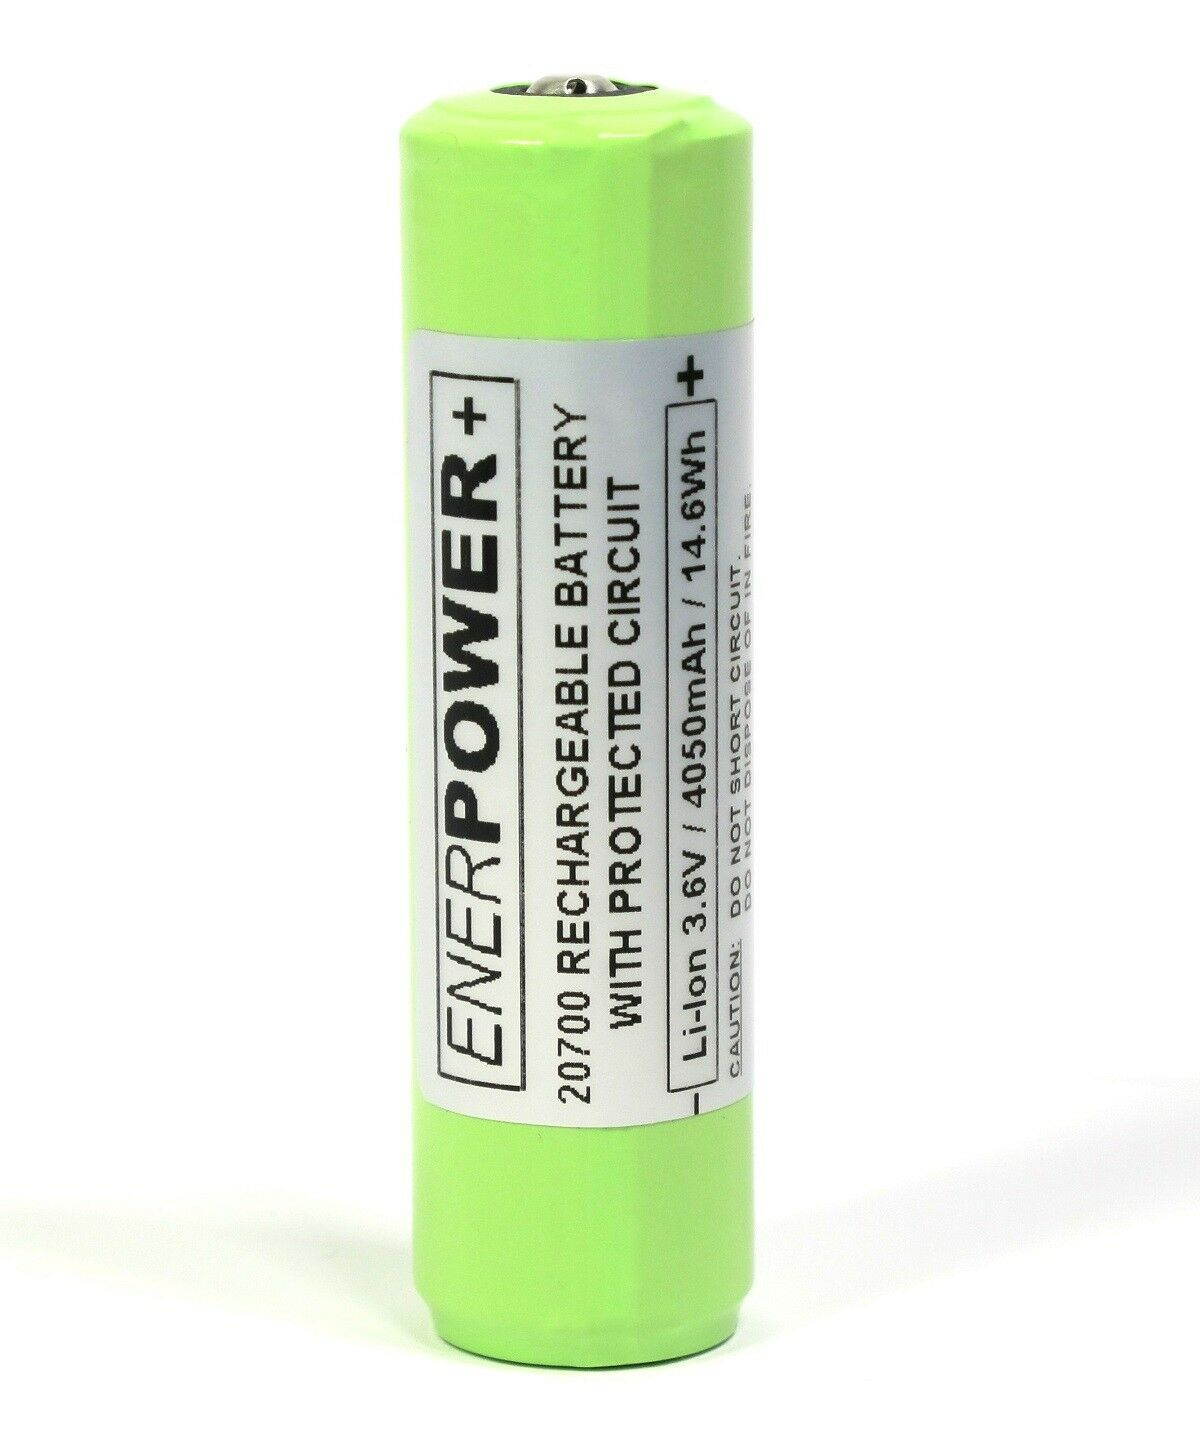 Enerpower VC+ 20700 4050 mAh 3,6V Li-Ion Akku geschützt PCM 12A (Pluspol erhöht) | Hochwertig